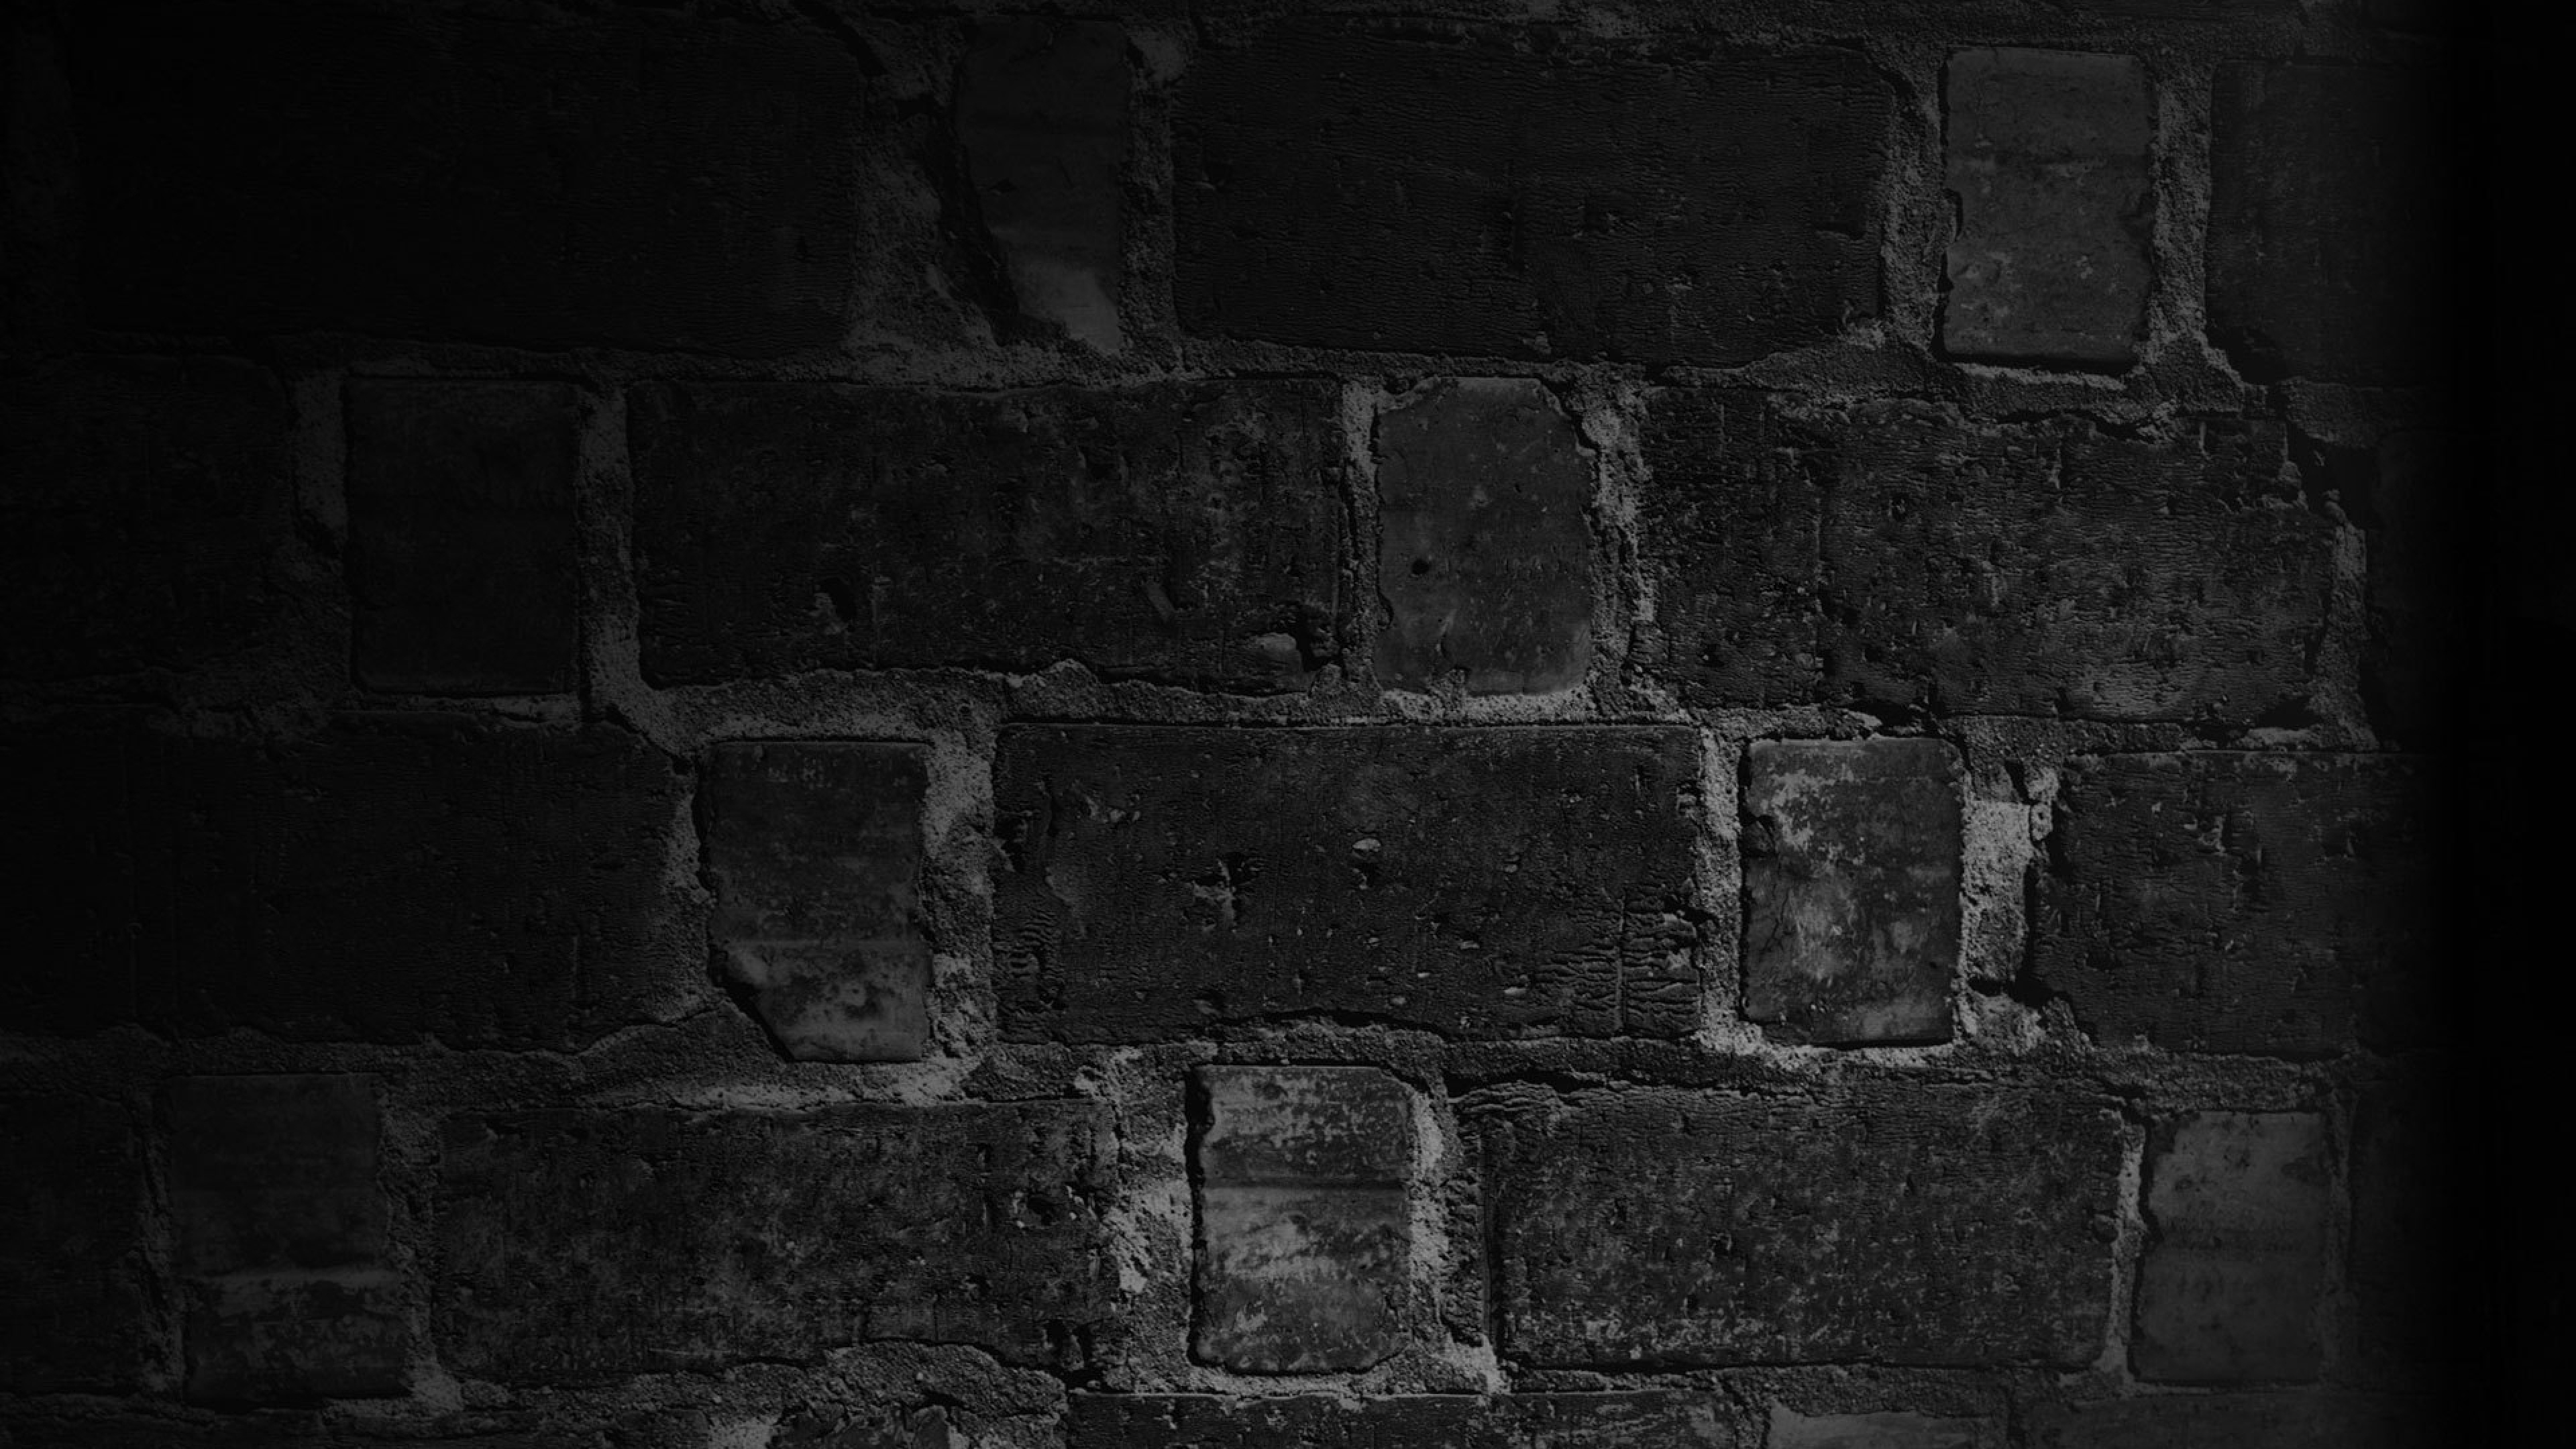 HD Background Black Wall Brick Texture Wallpaper WallpapersByte 3840x2160